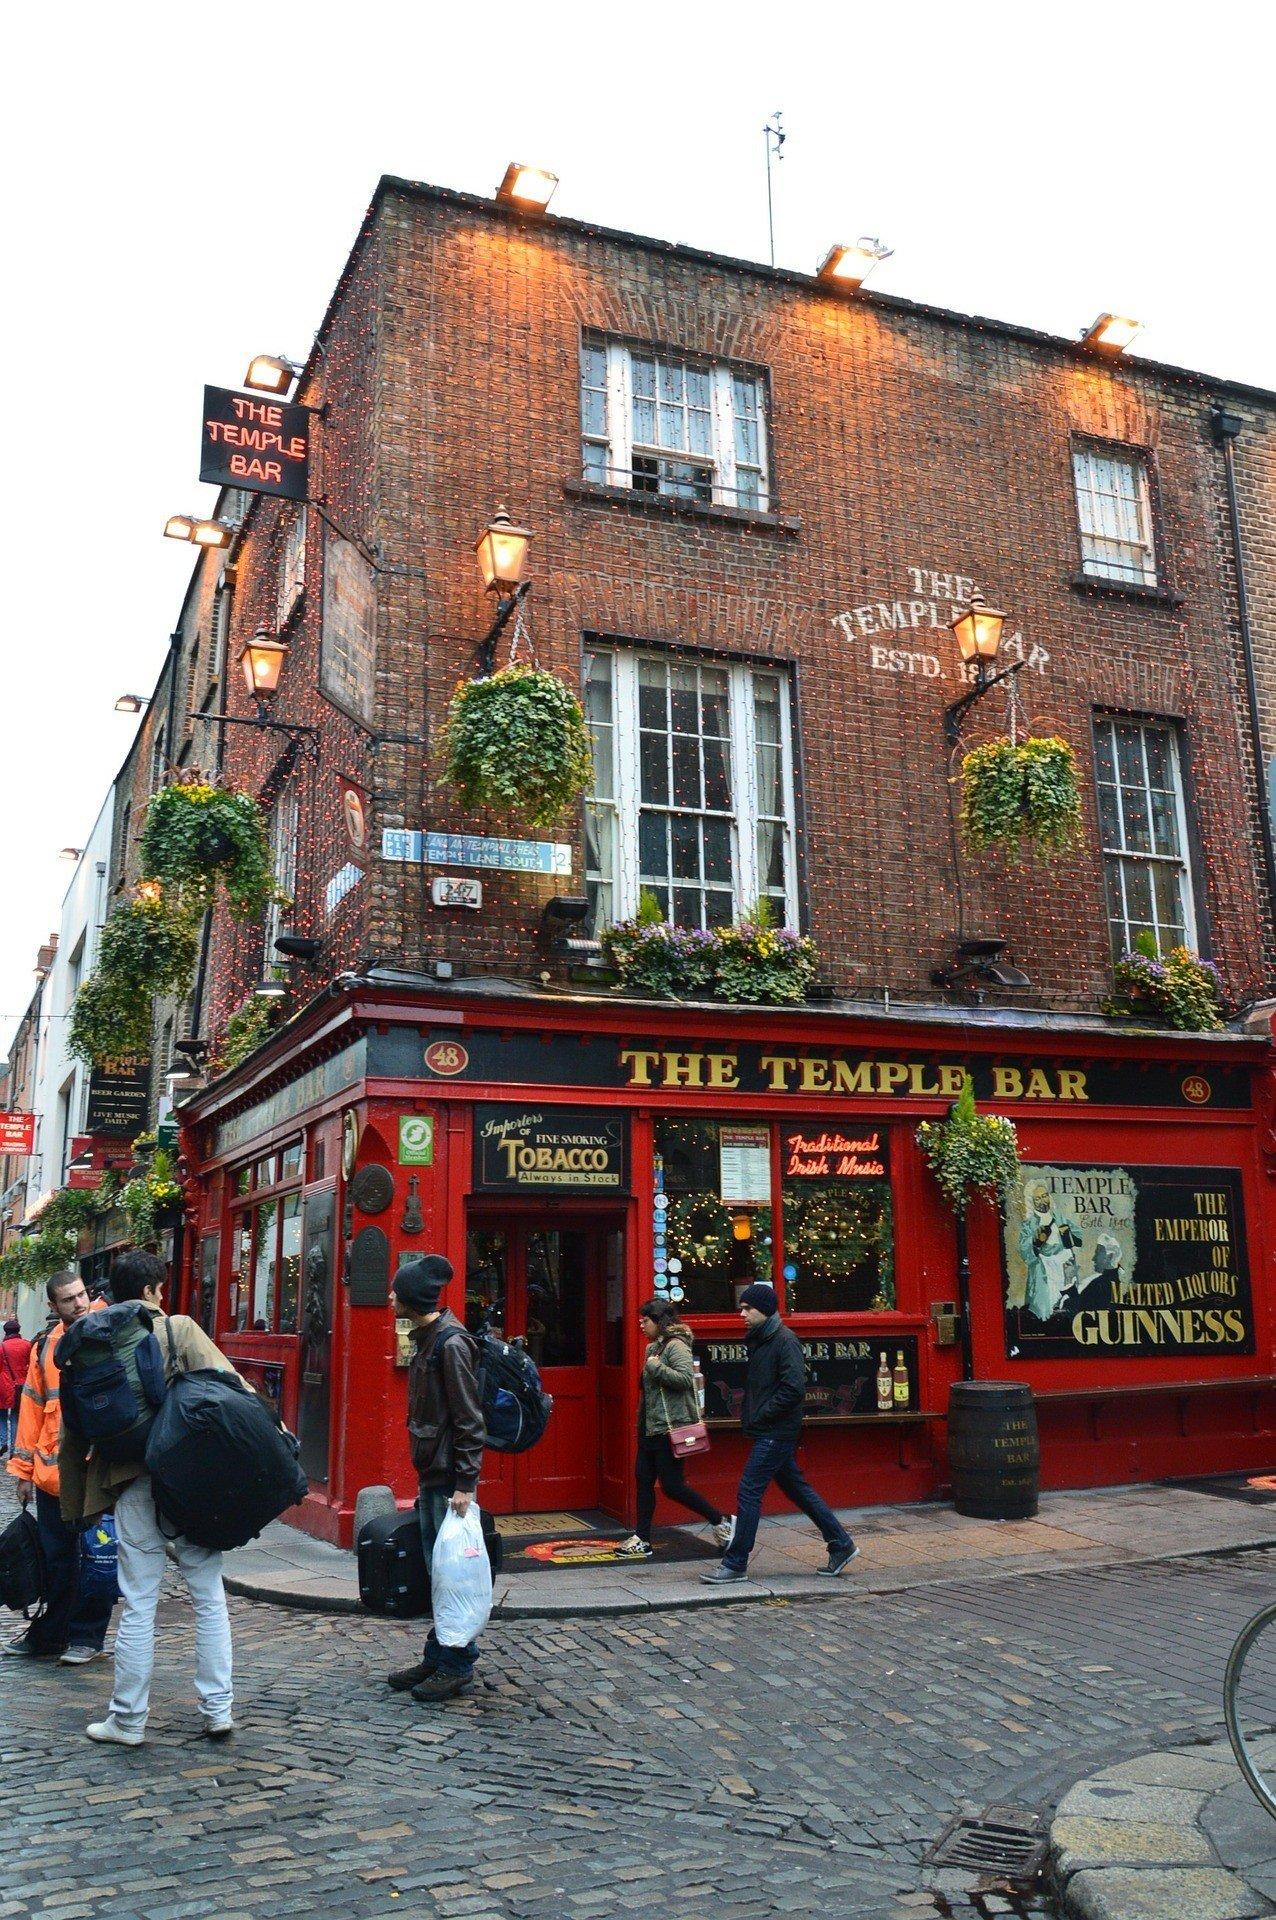 Day 1 in Dublin